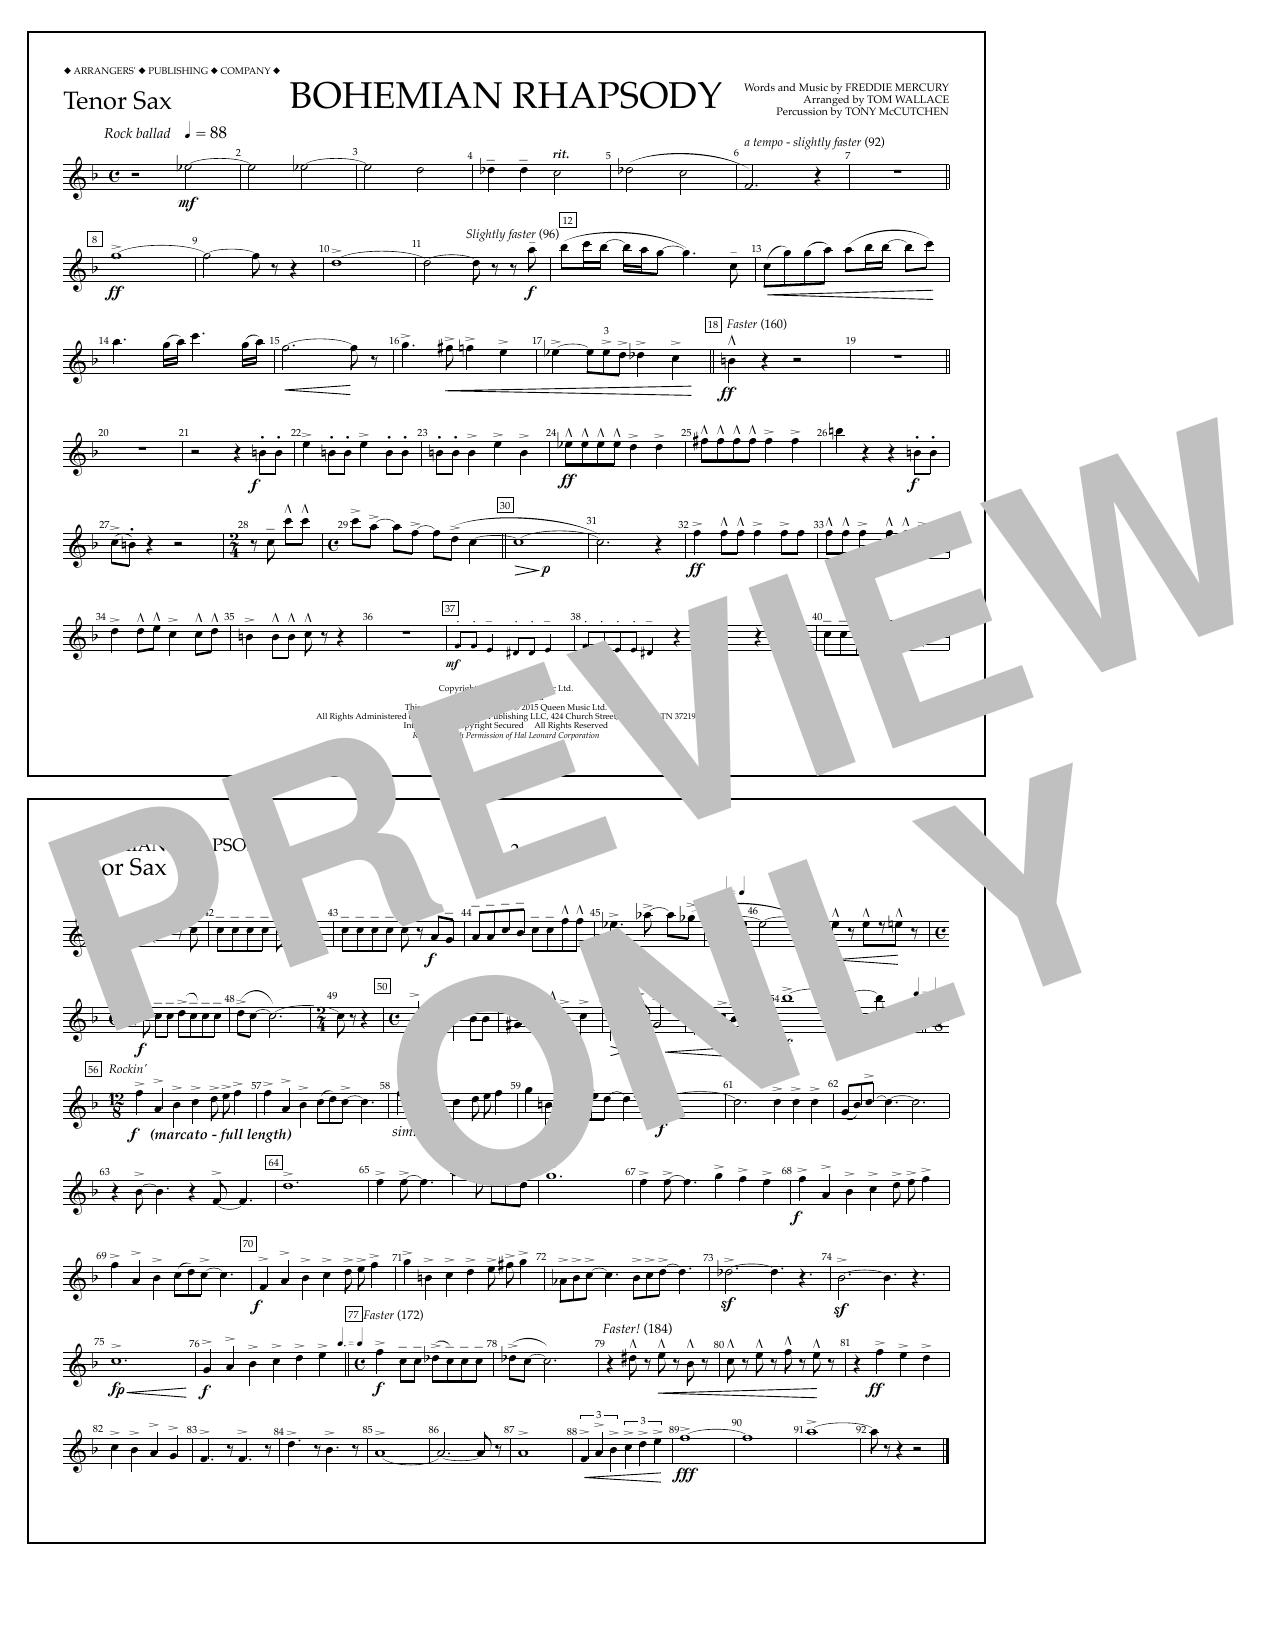 Bohemian Rhapsody - Tenor Sax Sheet Music